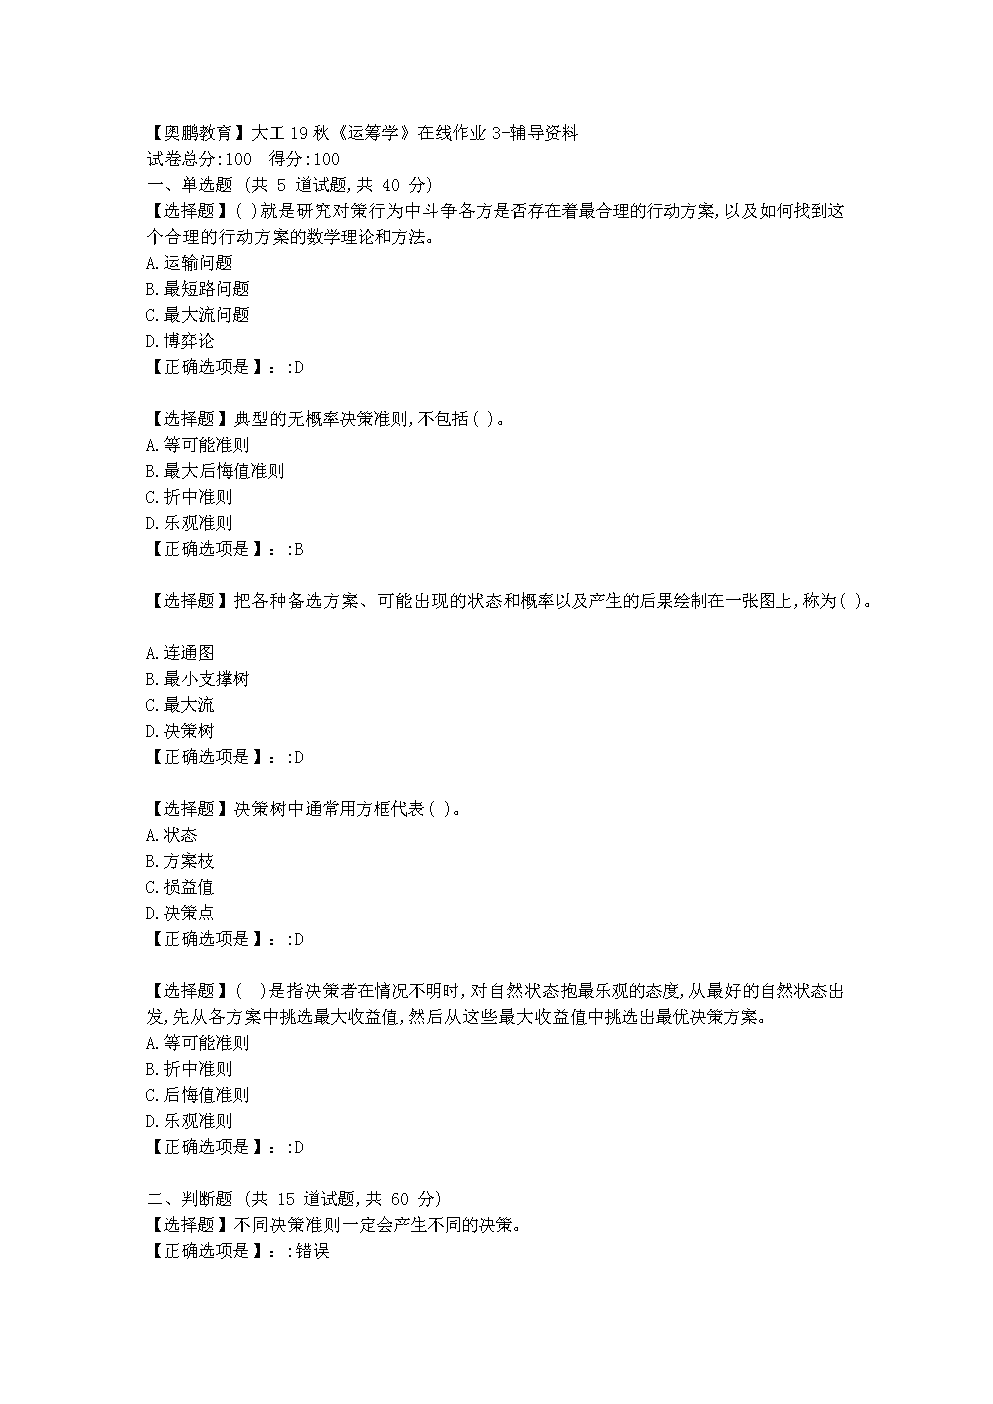 大连理工大学19秋《运筹学》在线作业3学习资料.doc